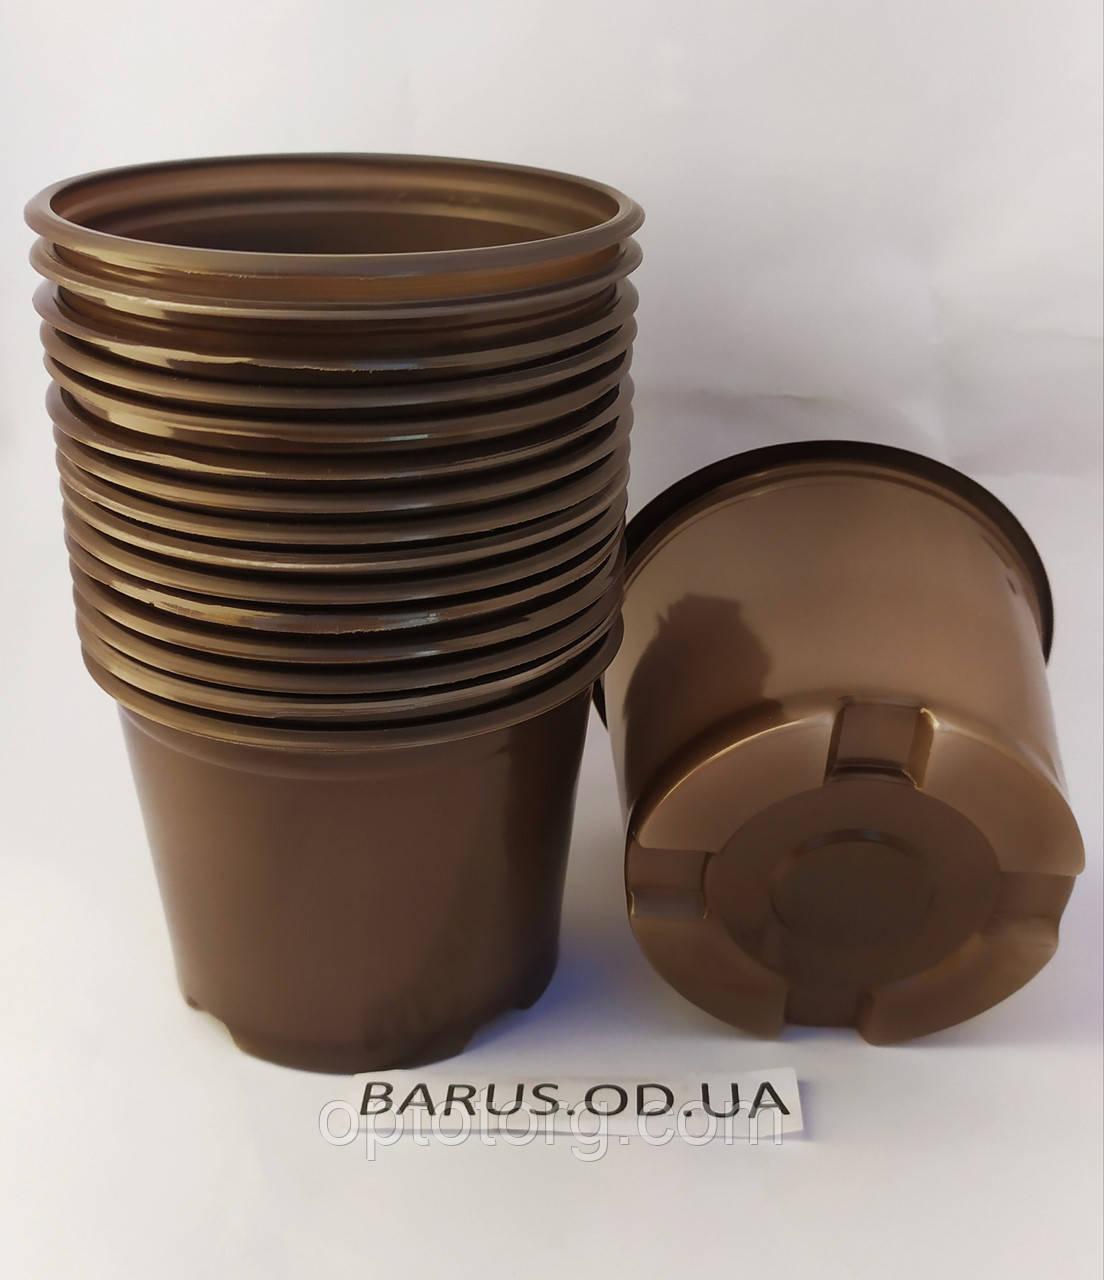 Горшки стаканчики для рассады 75*90 мм